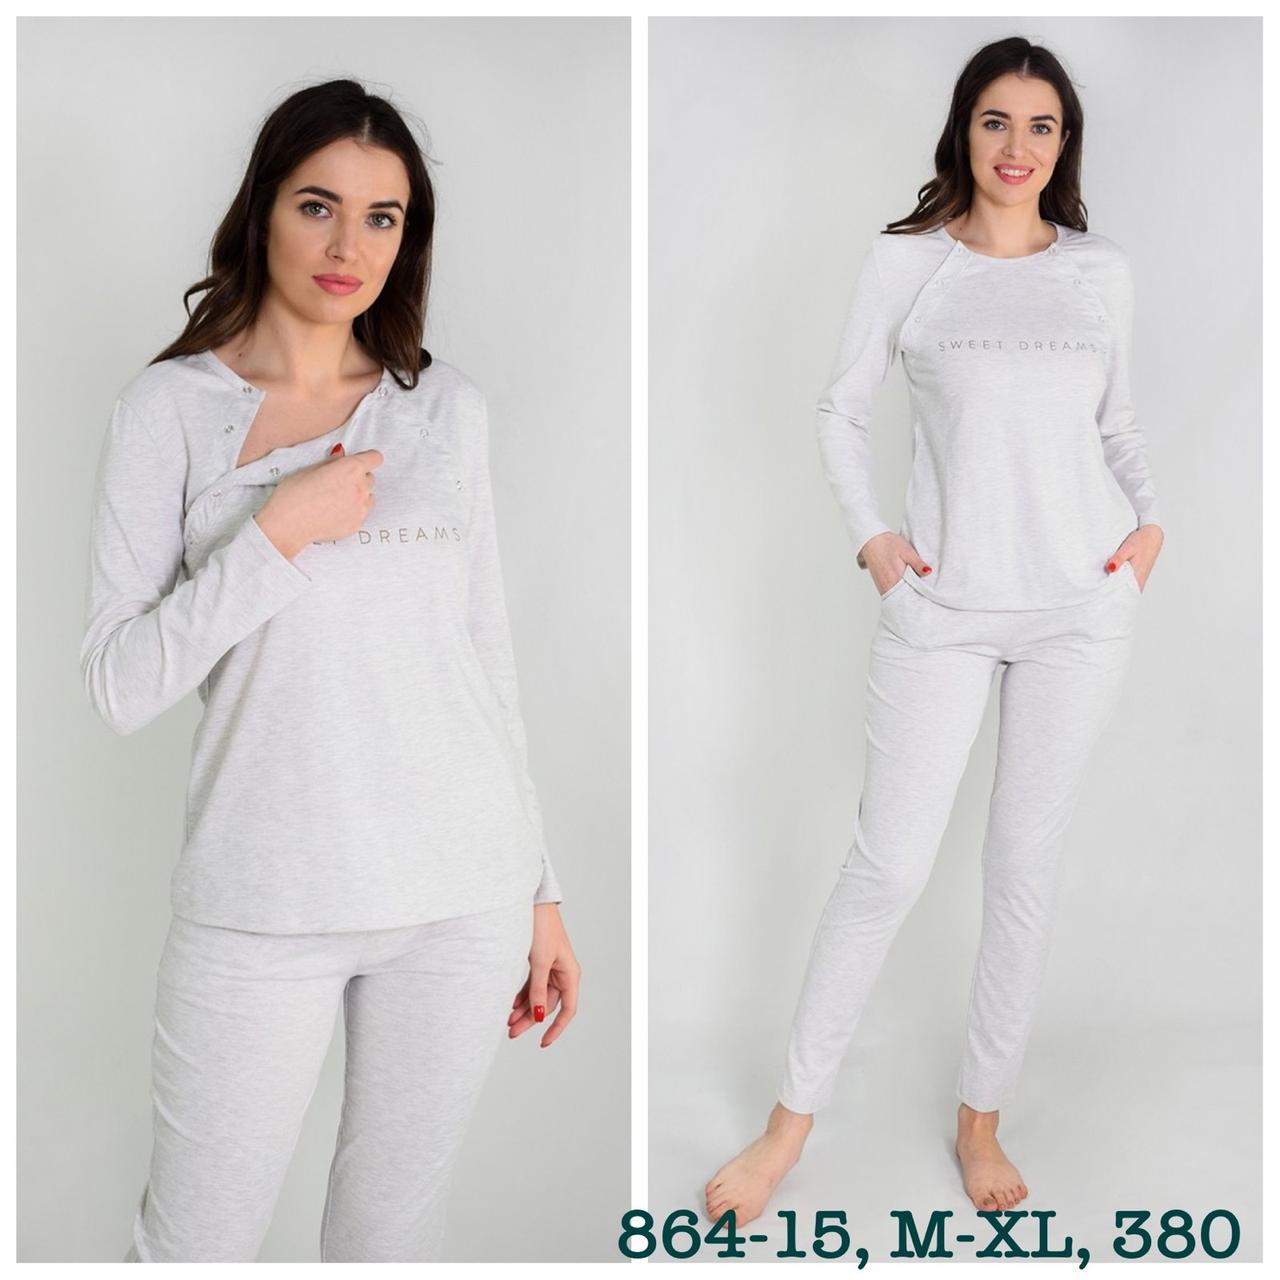 Комплект женской домашней одежды: (футболка   длинный рукав + штаны),  N.EL, (размер L)